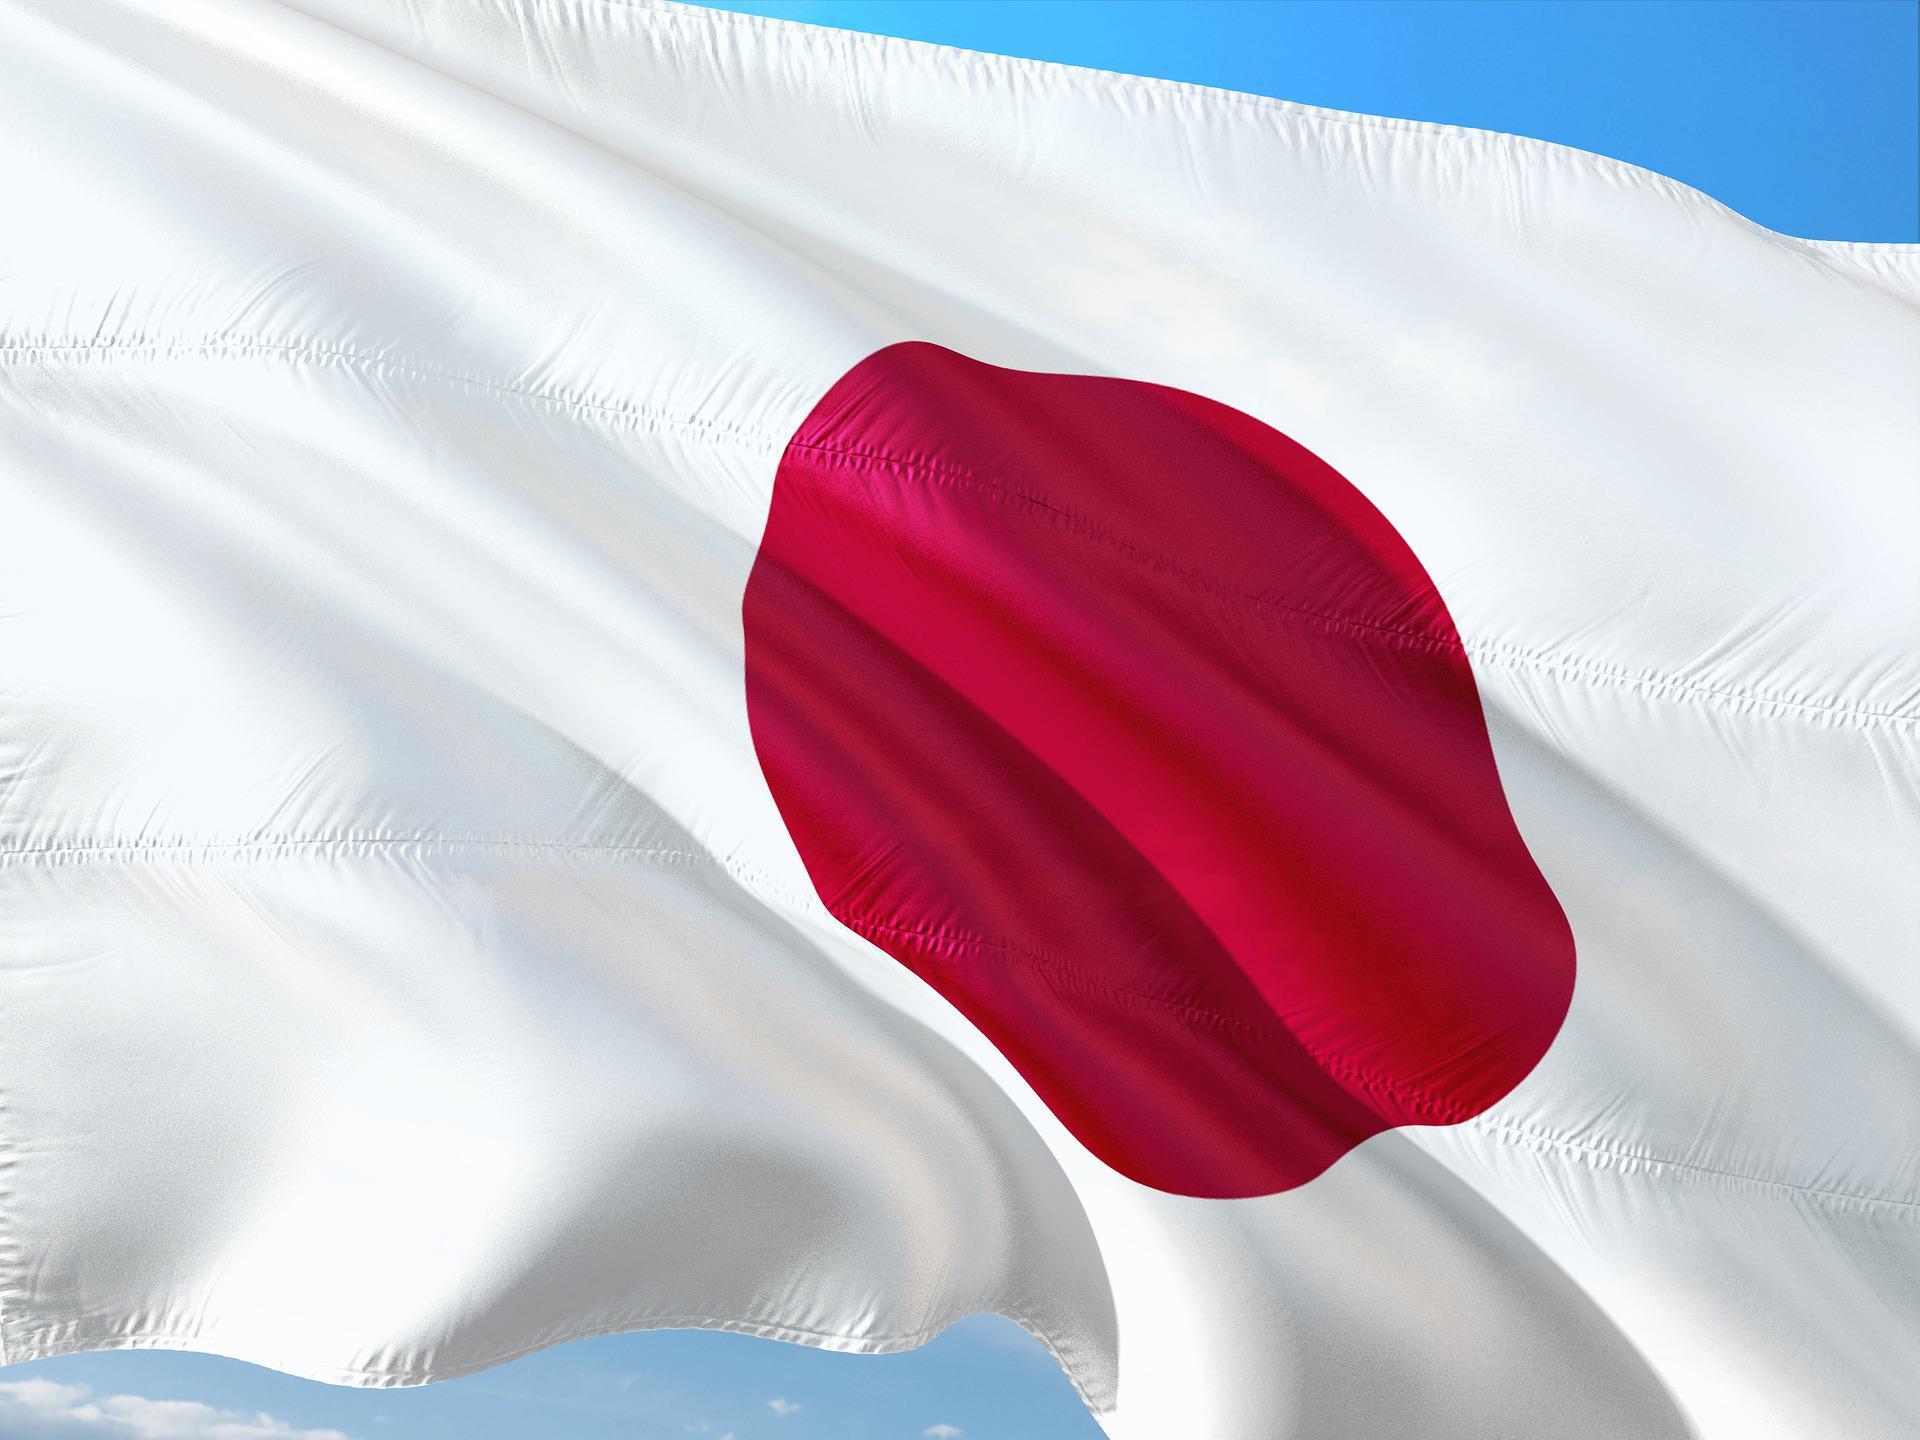 Россия заключит с Японией новое соглашение об избежании двойного налогообложения